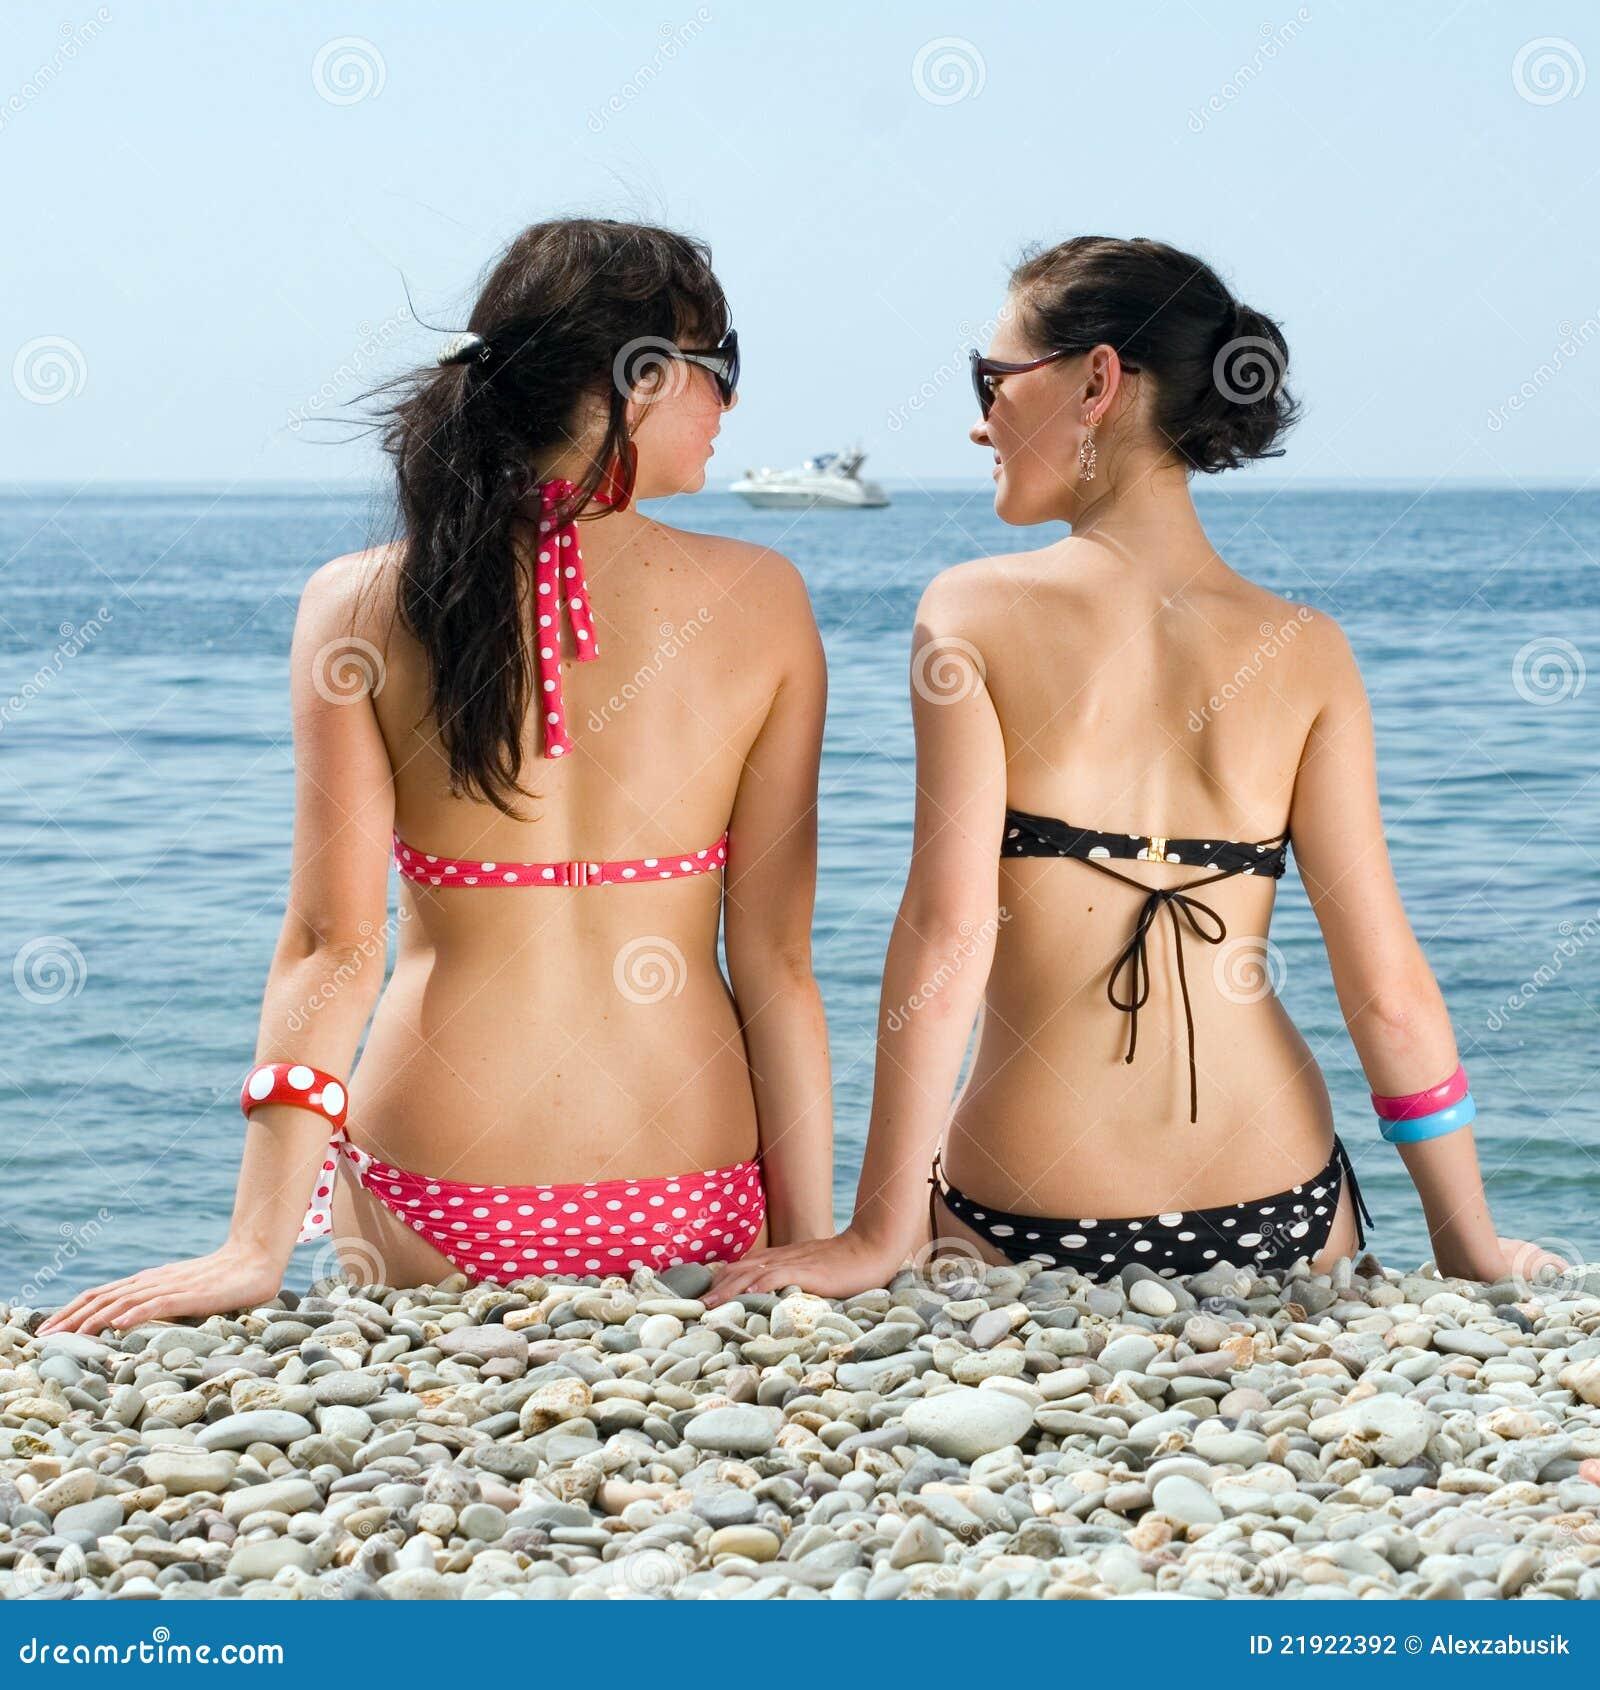 Famoso Due ragazze al mare foto stock - Iscriviti Gratis JH87